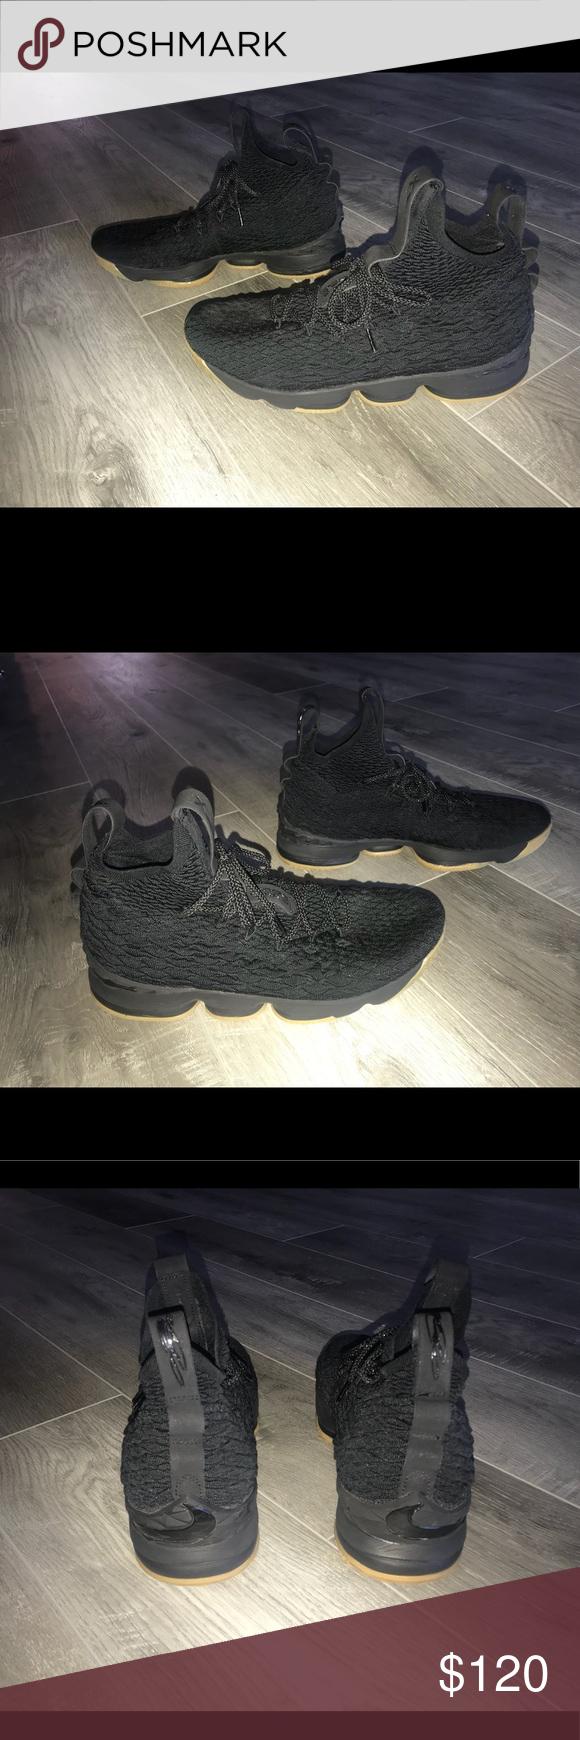 e4fb5a00b71 Men s Nike Lebron 15 XV Black Gum Shoes Men s Nike Lebron 15 XV Black Gum  897648